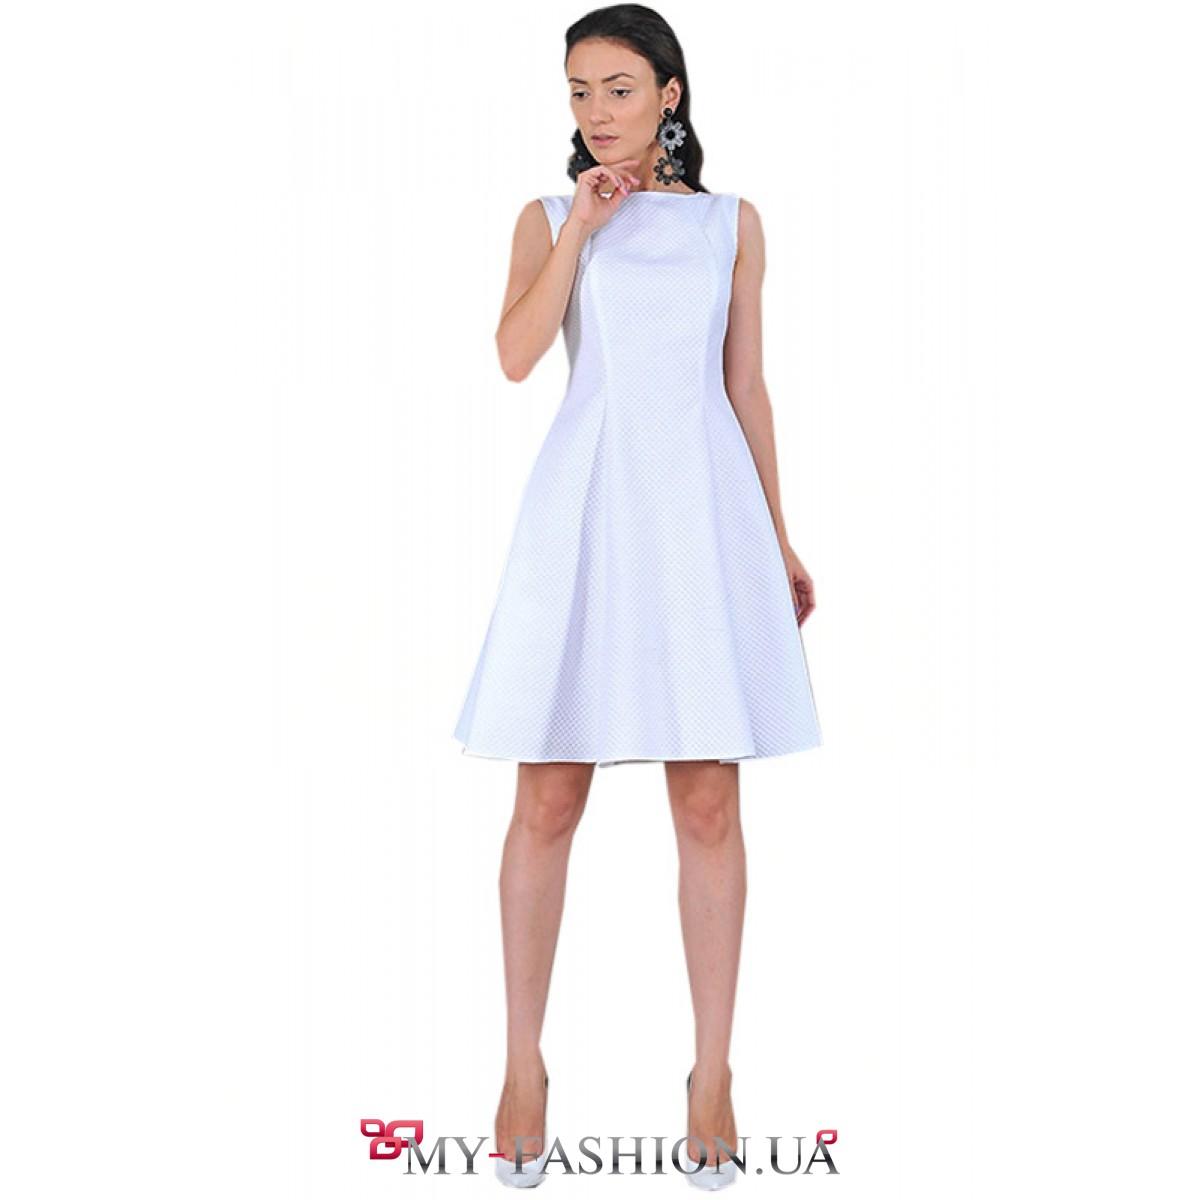 Платья приталенные с пышной юбкой купить